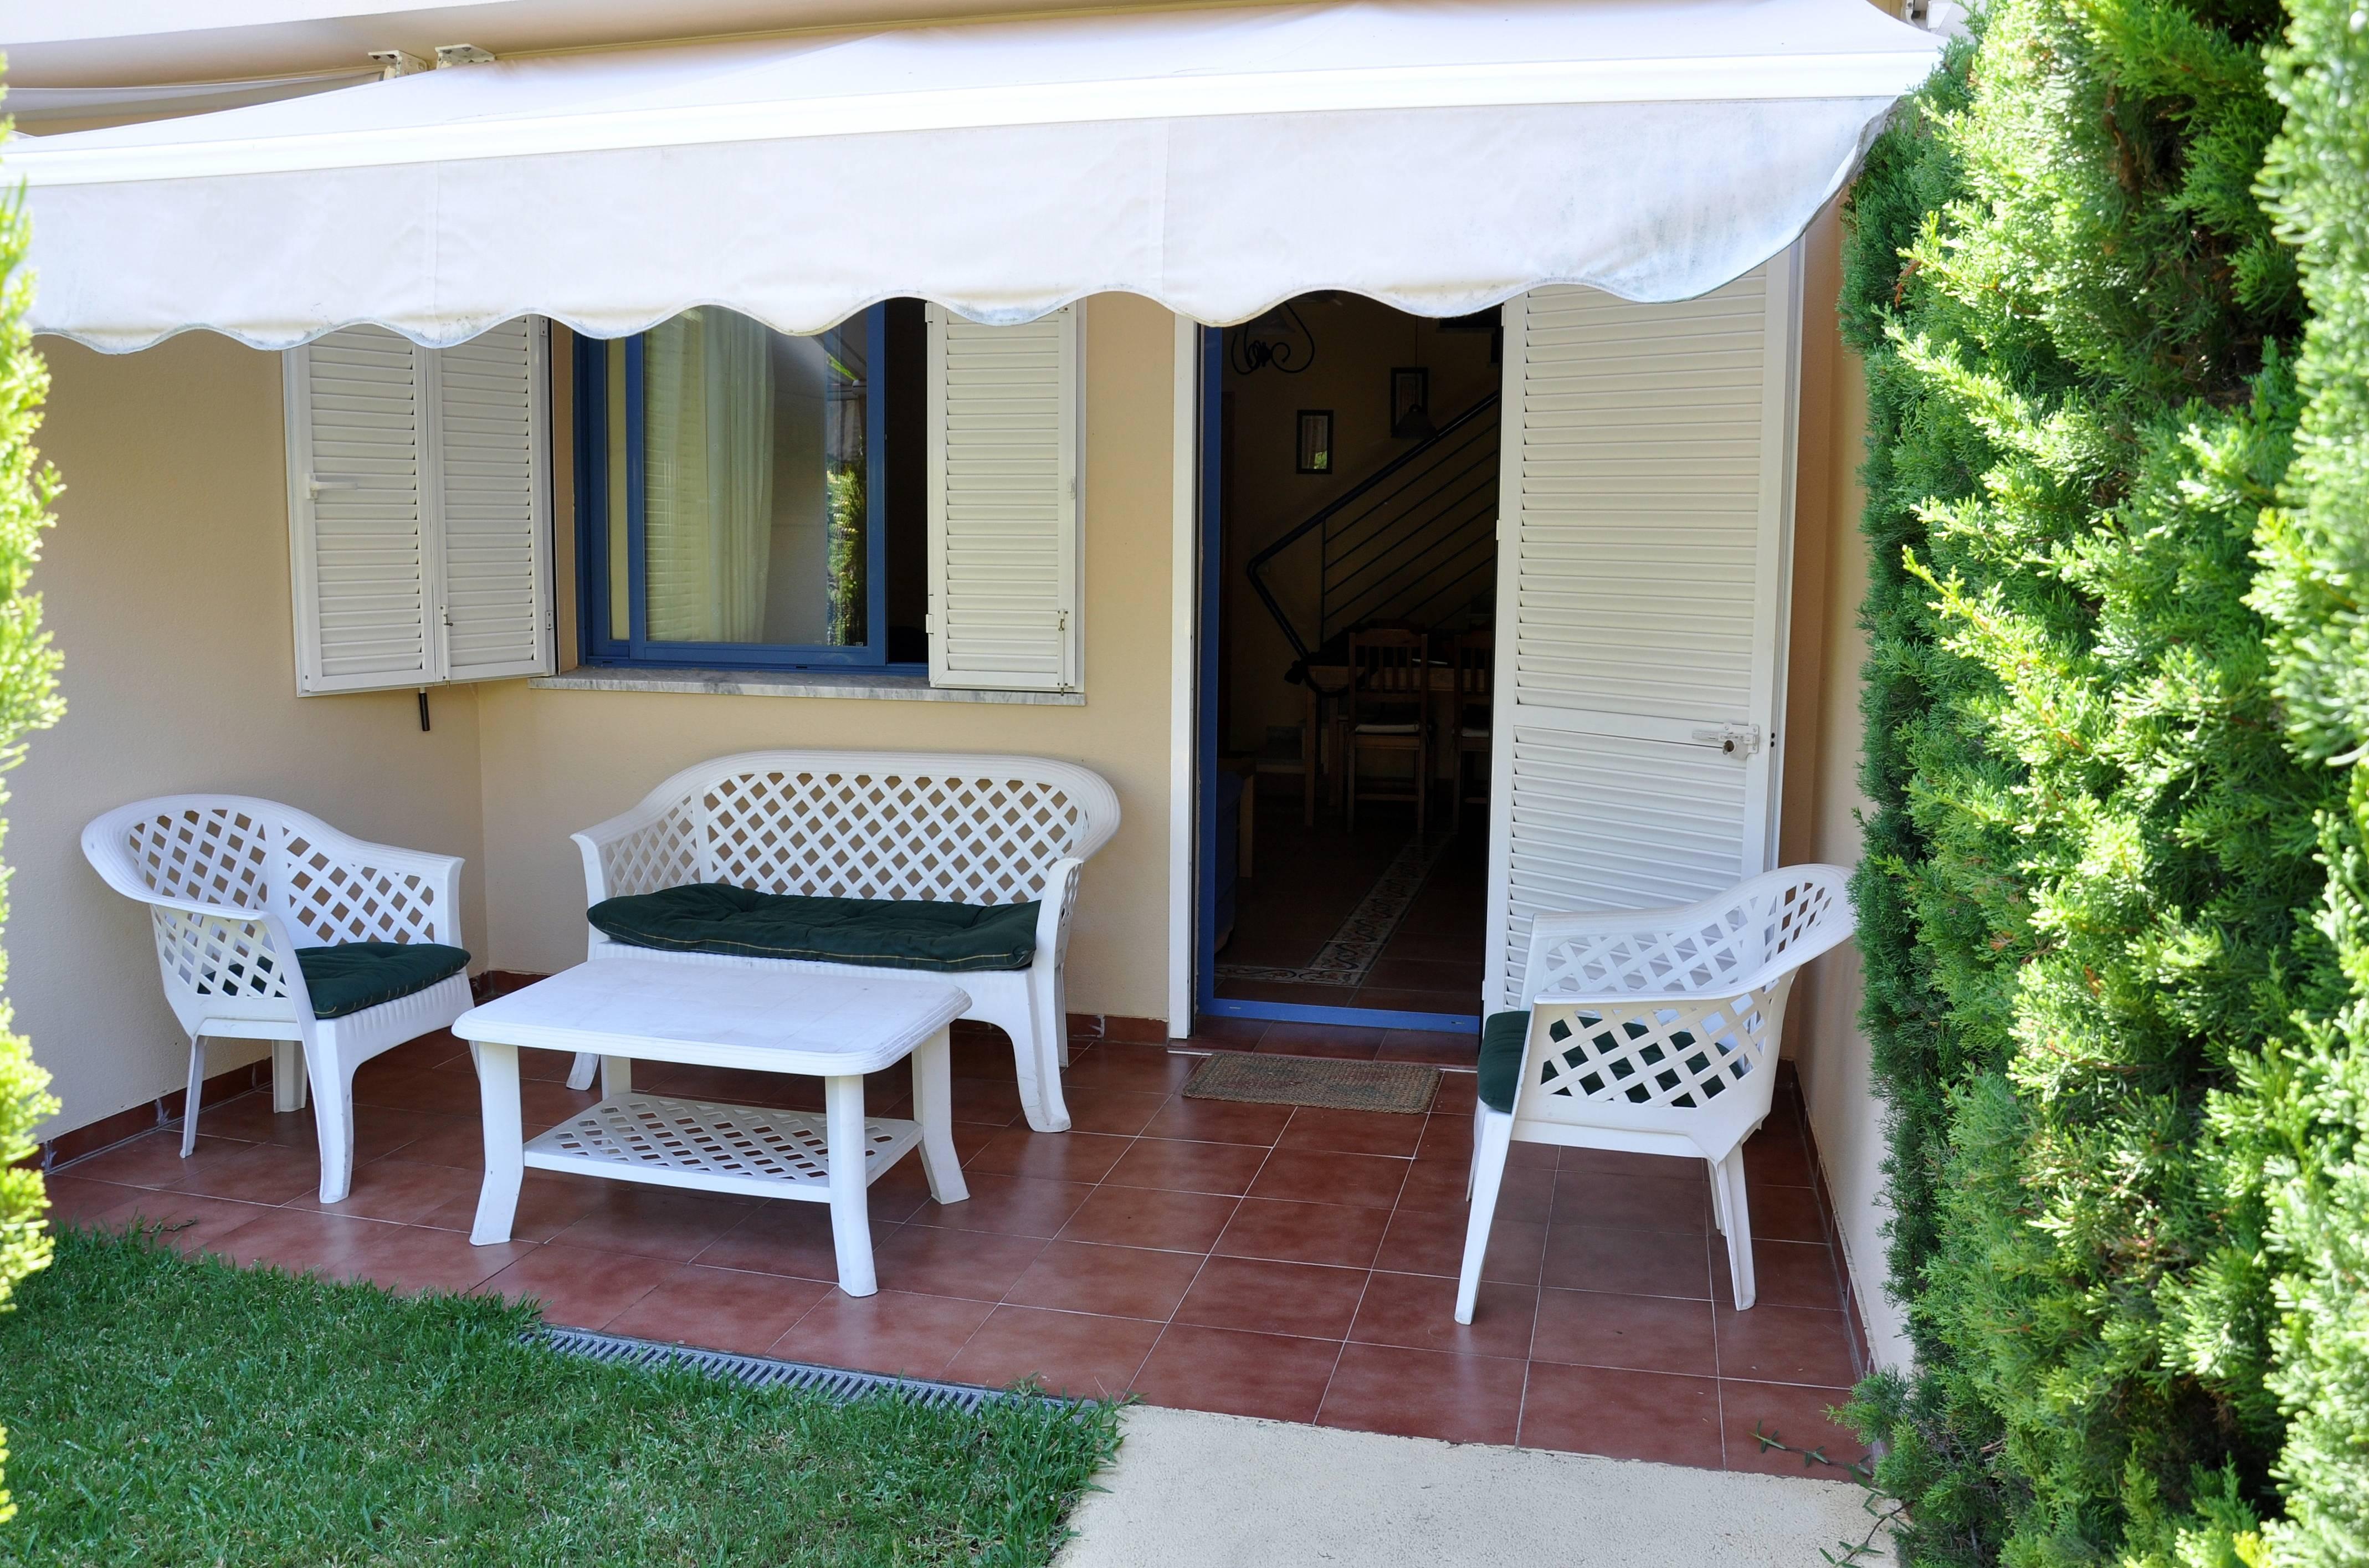 Casa con 2 stanze a 450 m dal mare islantilla lepe lepe - Rentalia islantilla ...